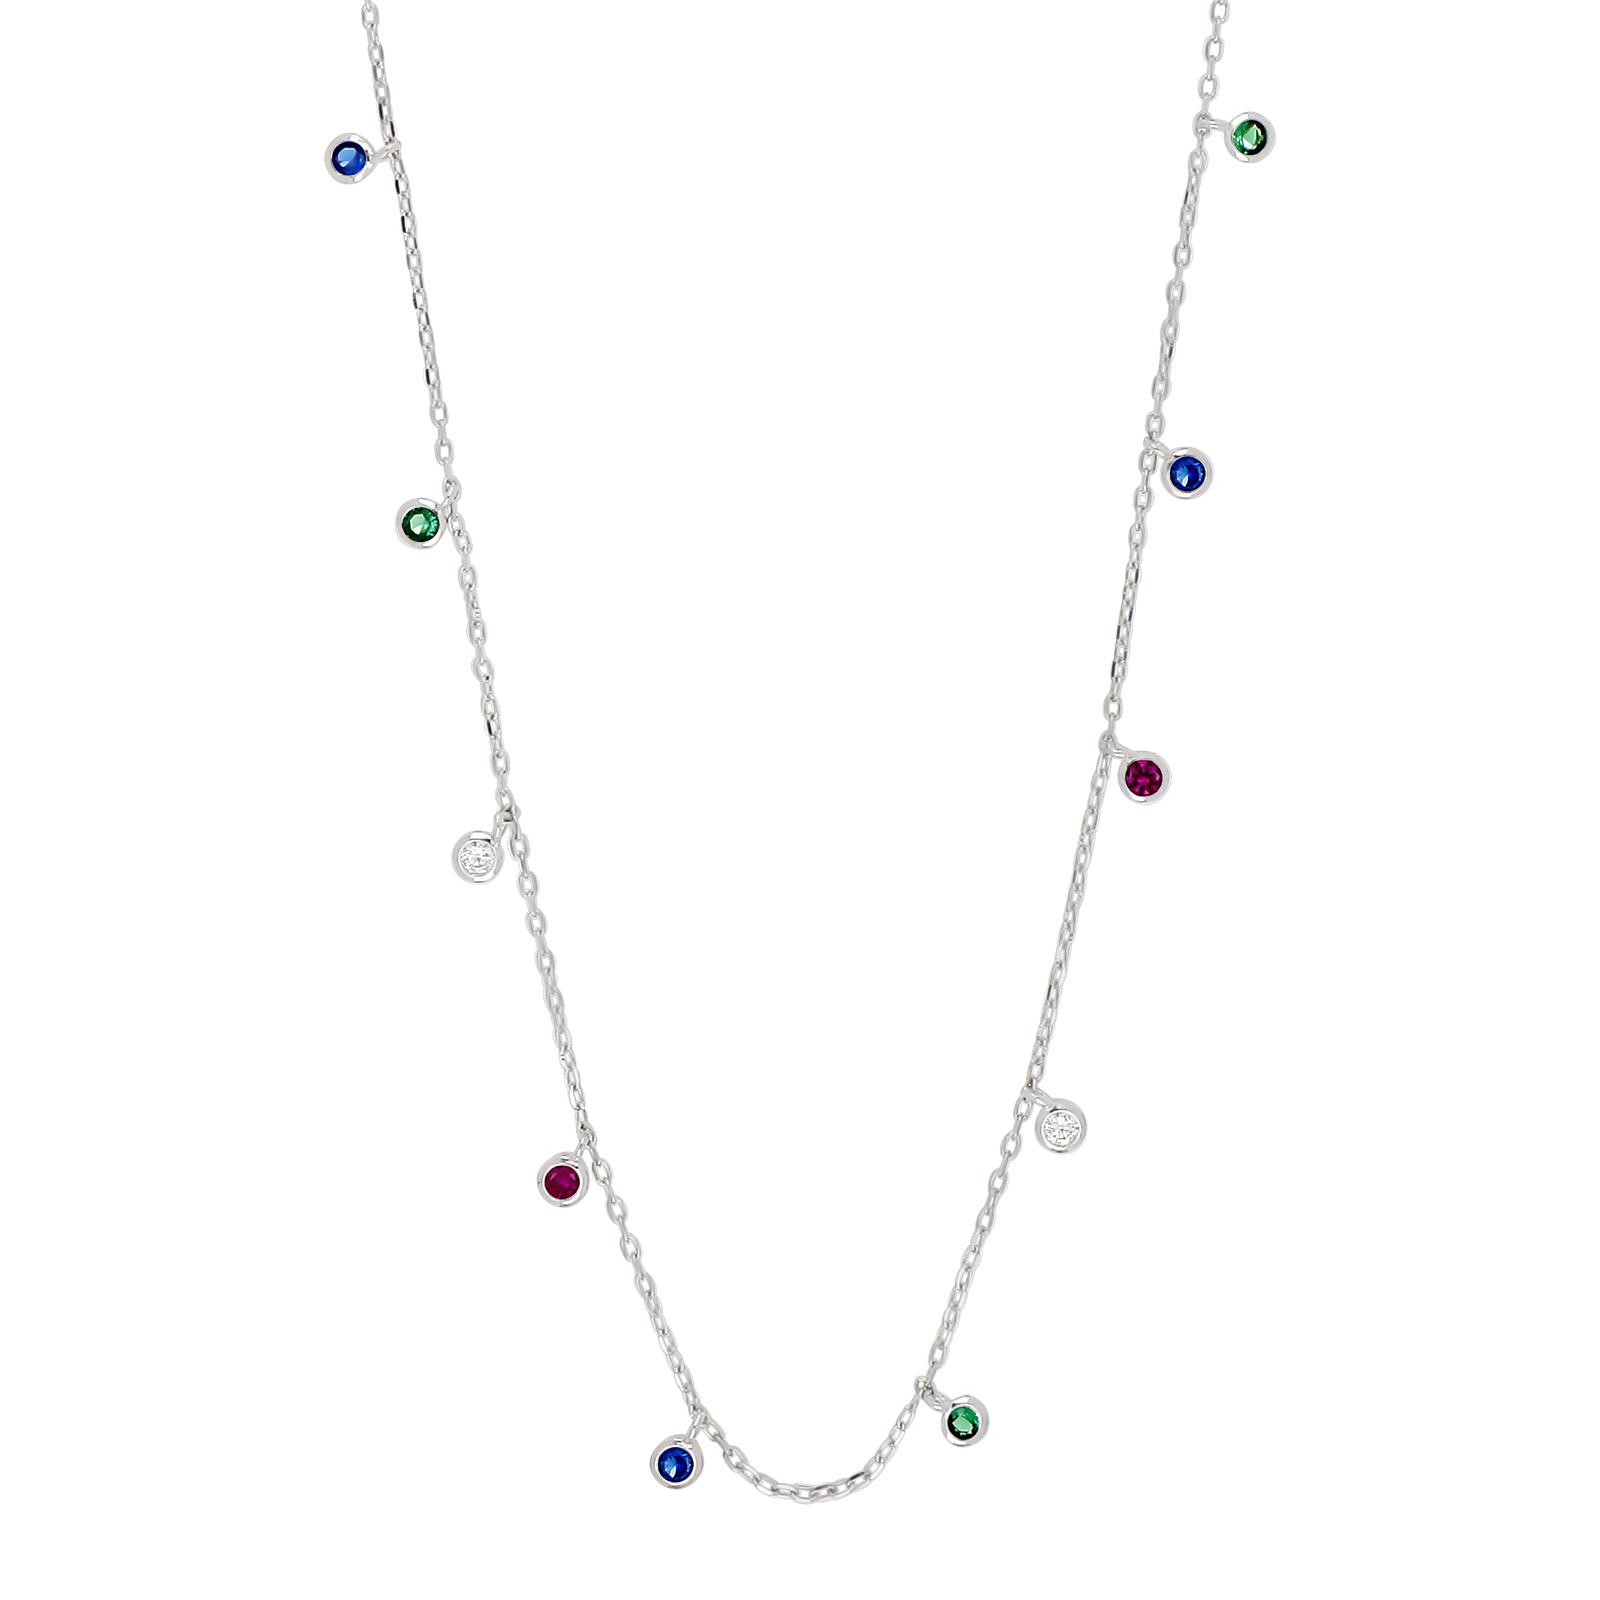 Rhd sølv halskæde med multifarvede zirkoner model GiaNor